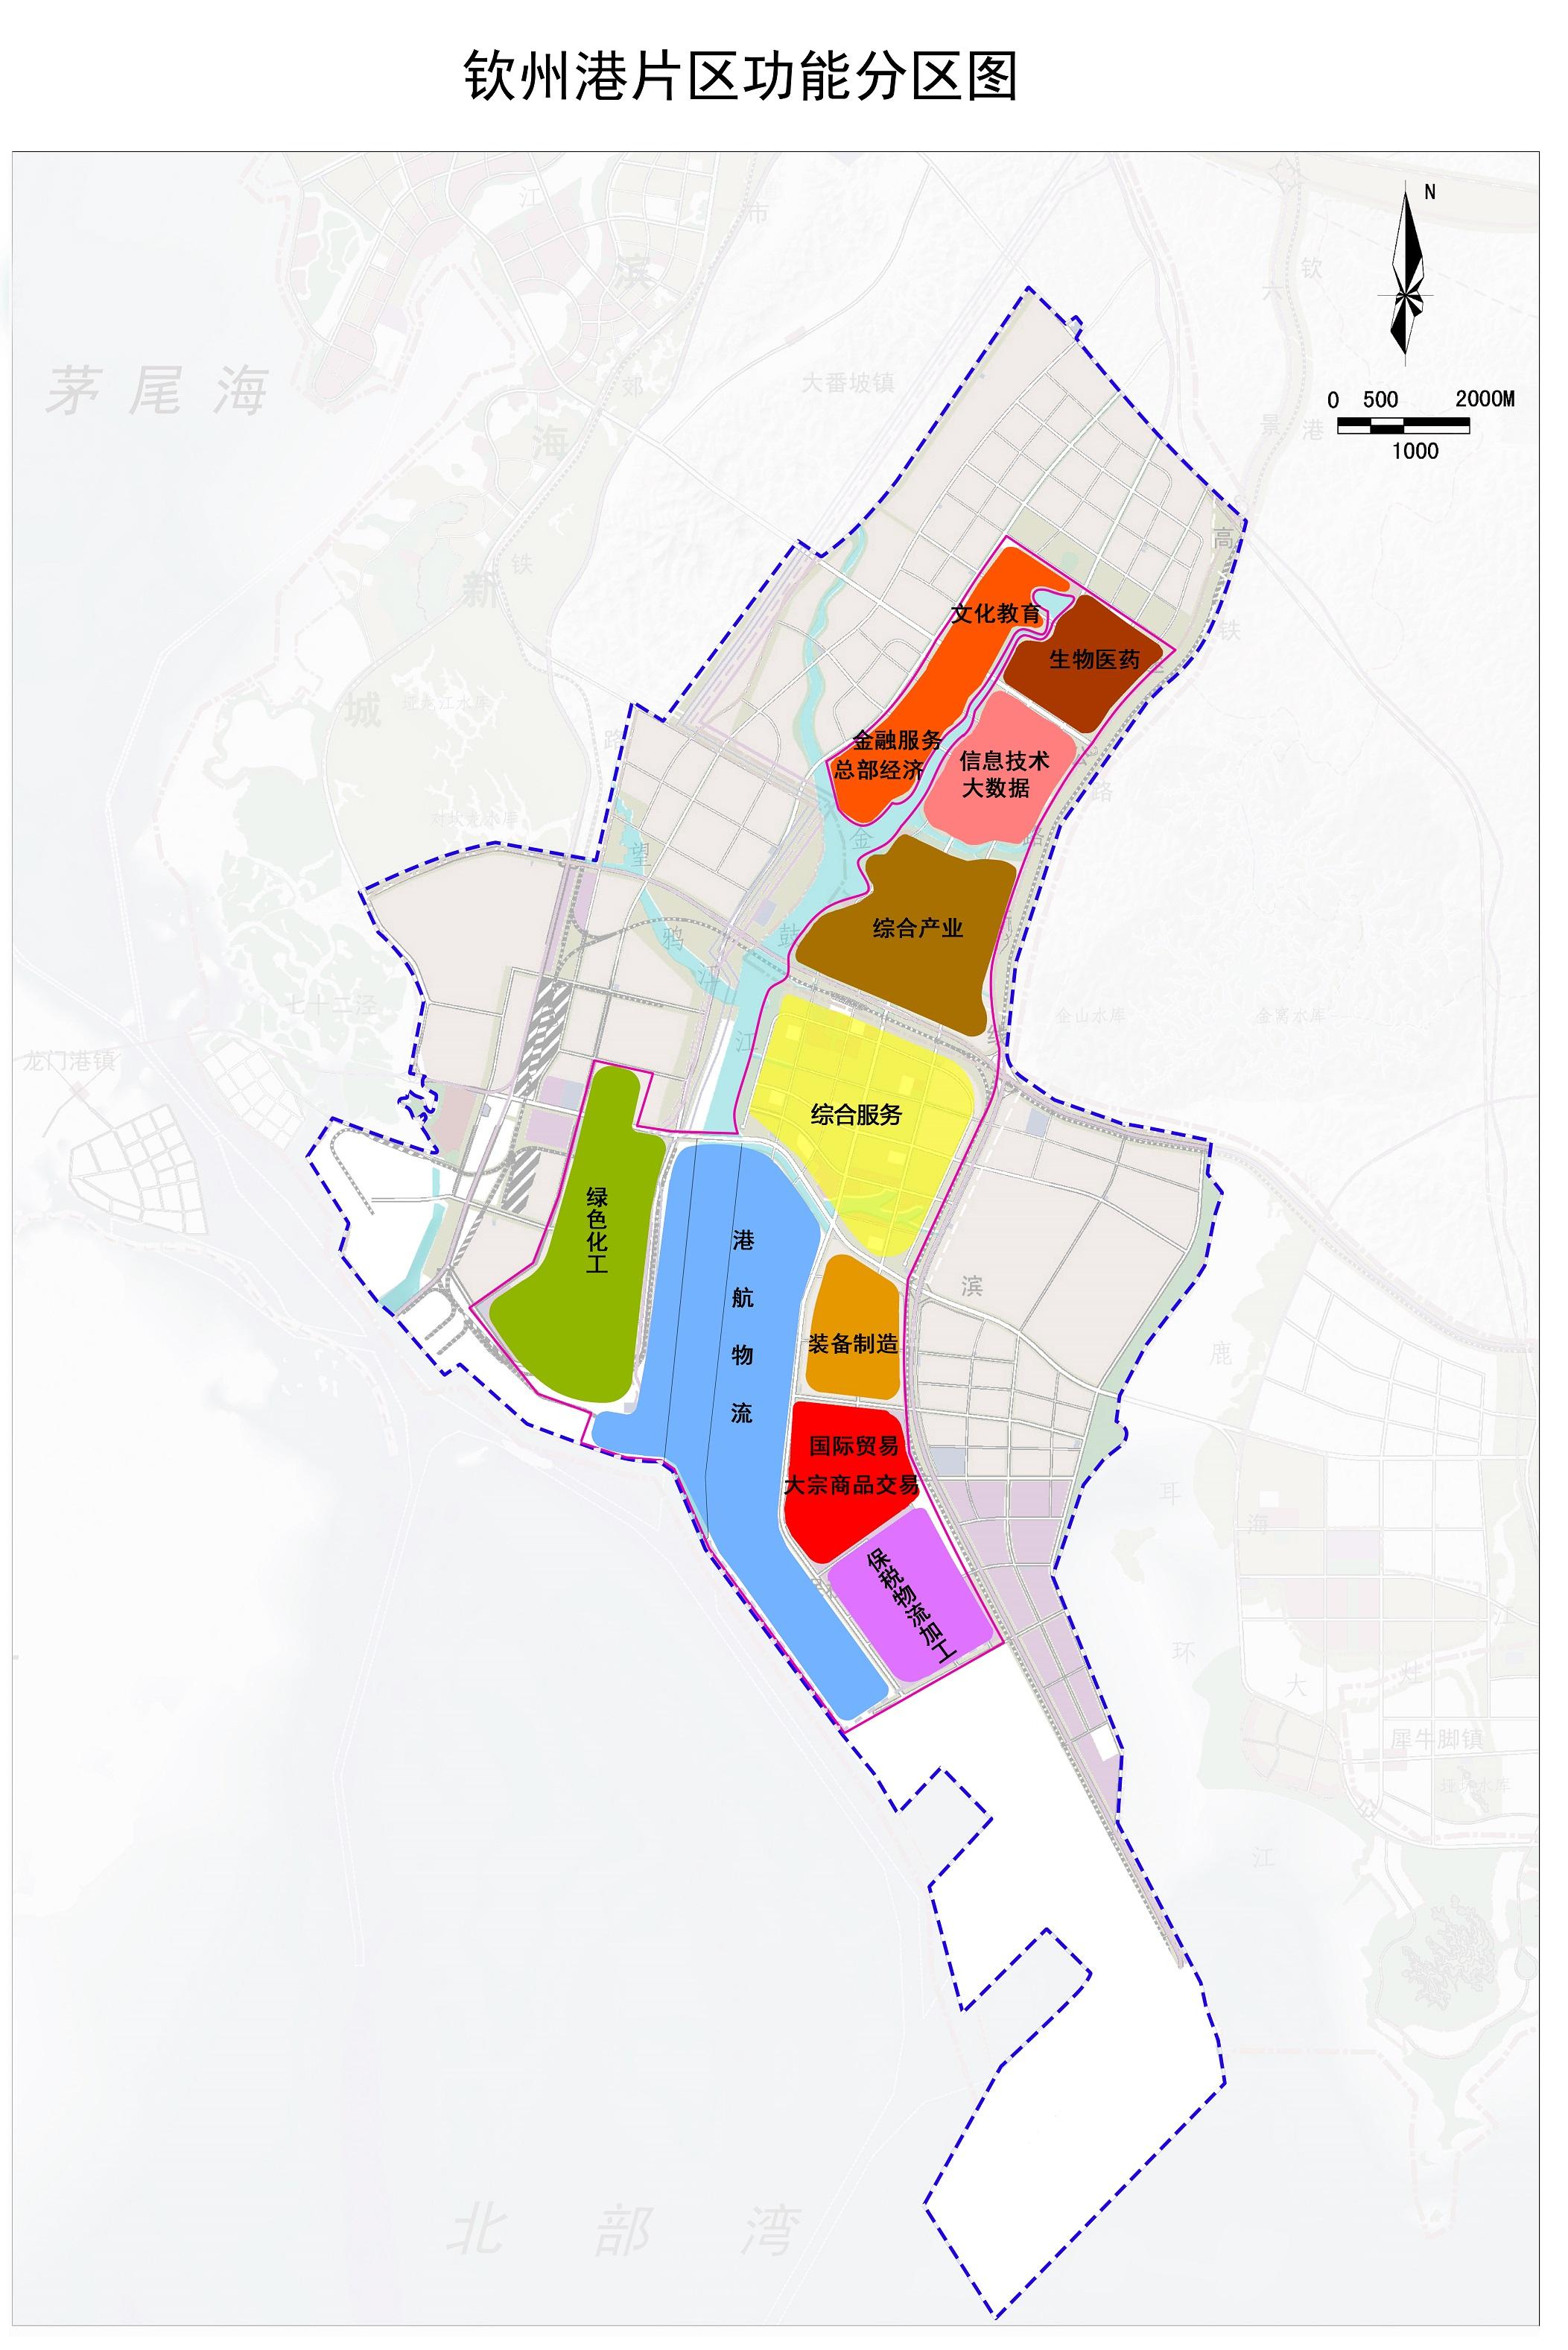 广西自贸试验区钦州港片区:建设国际陆海贸易新通道门户港